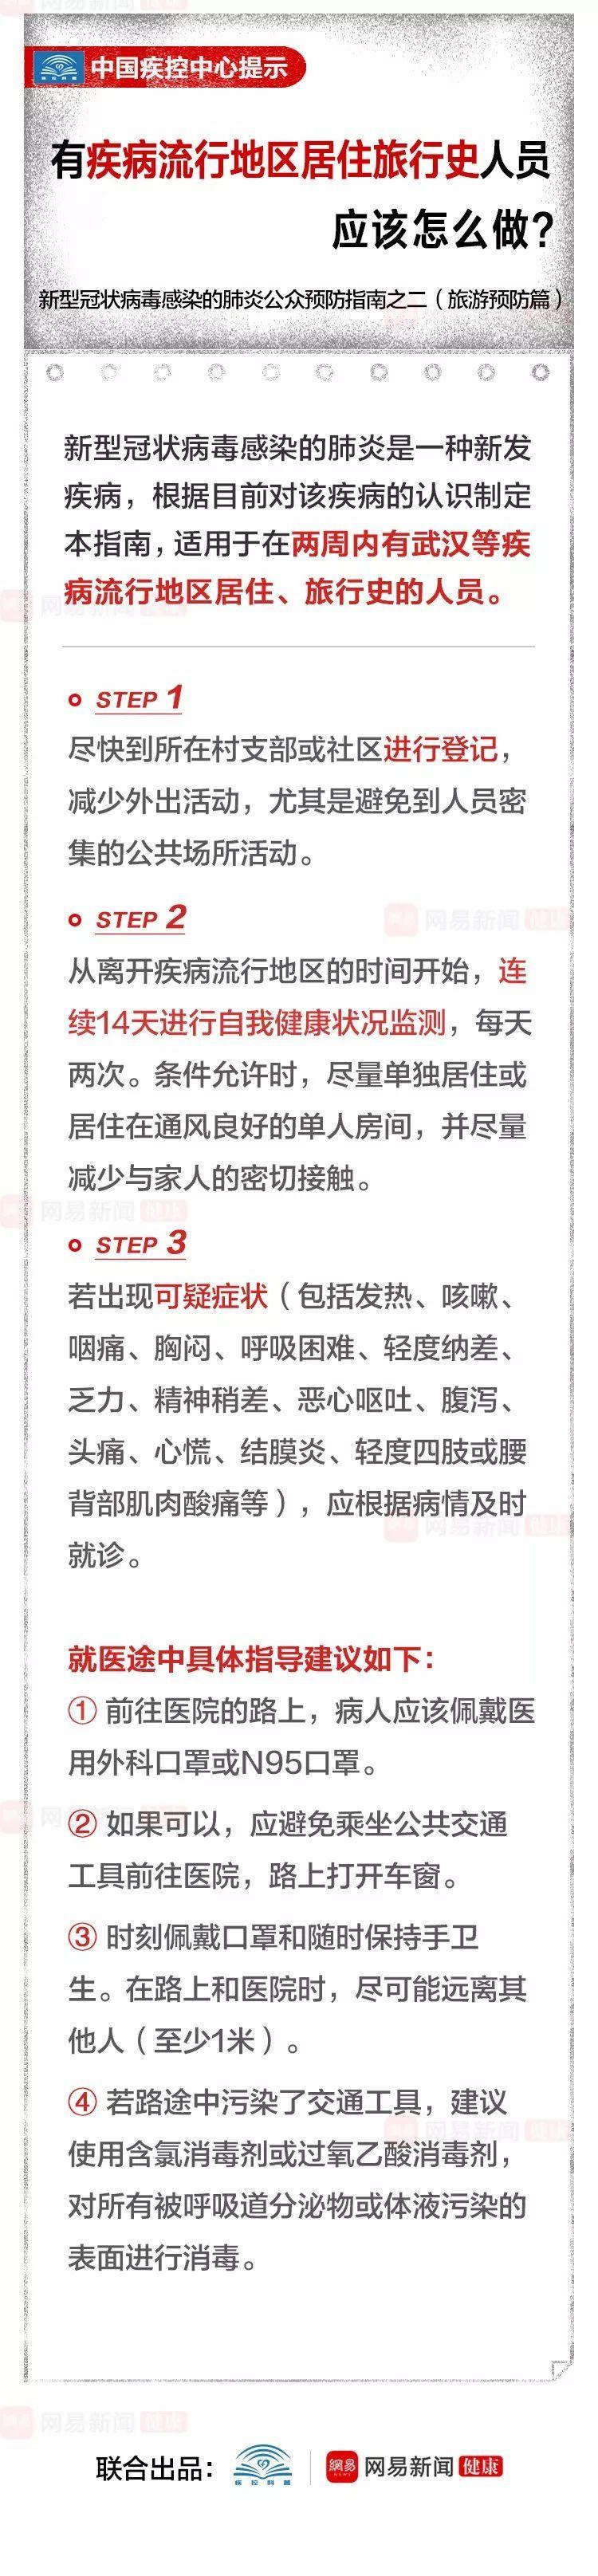 中国疾控中心提示:有疾病流行地